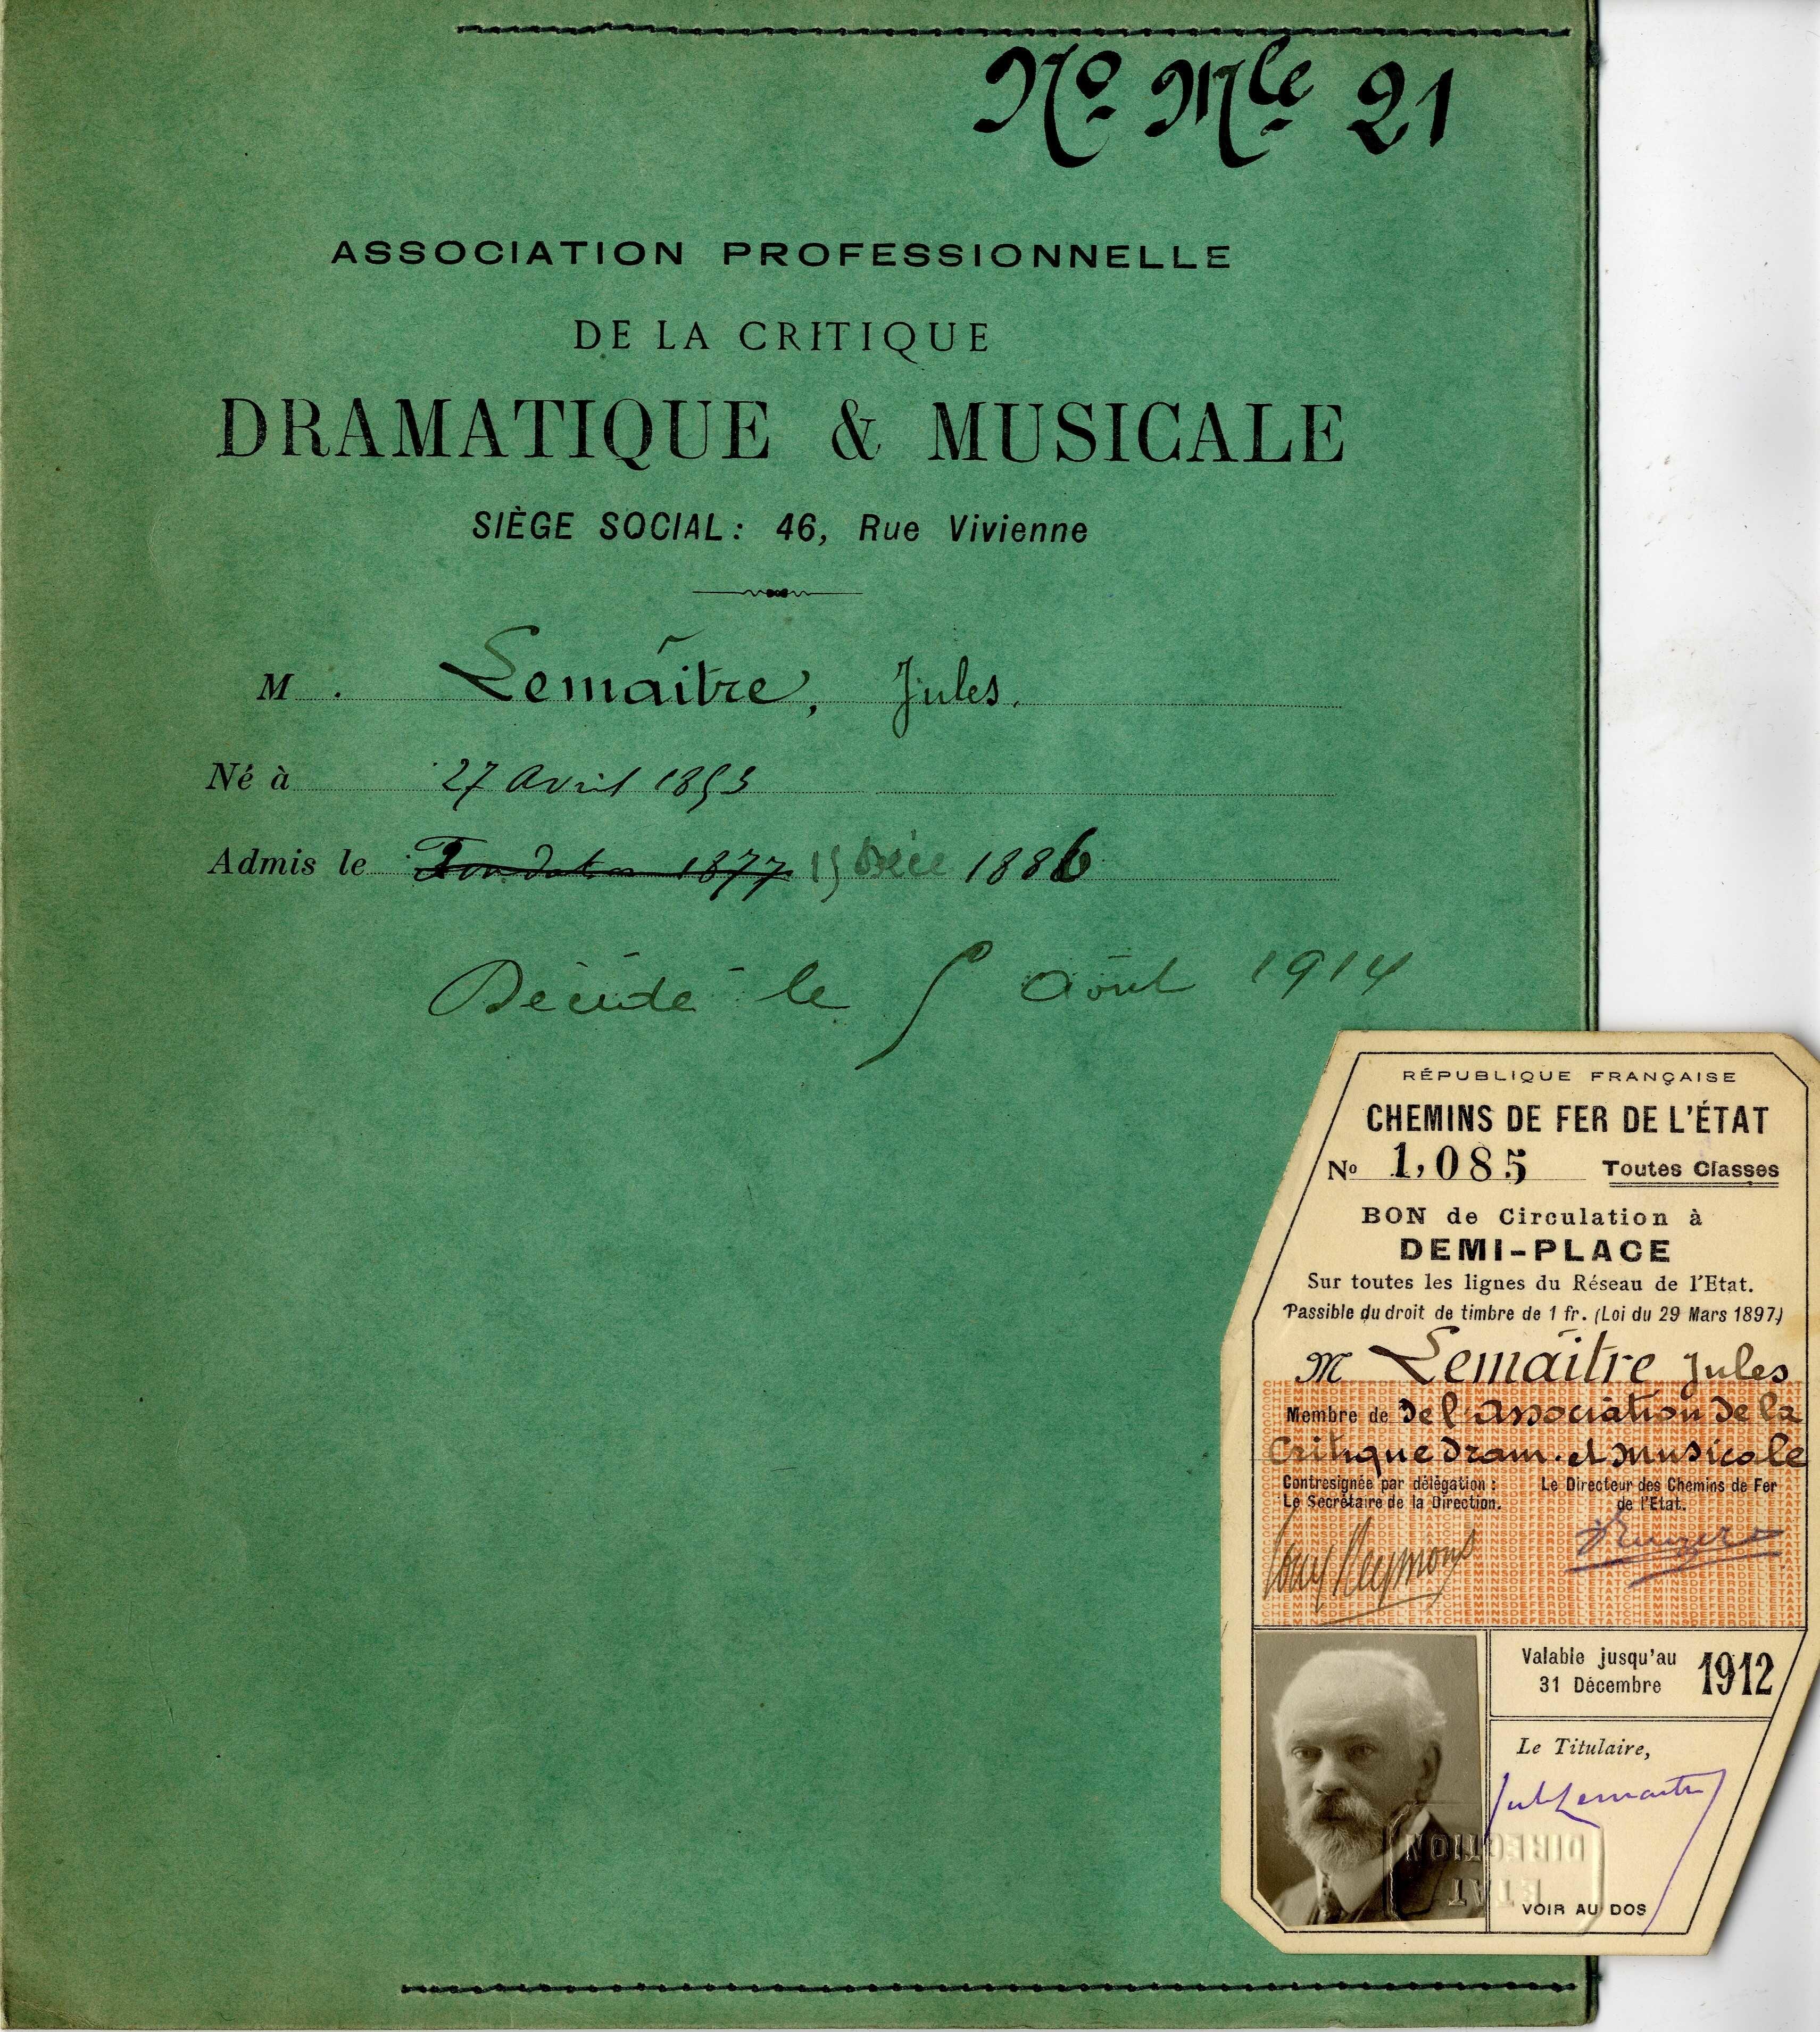 image for Syndicat professionnel de la critique dramatique et musicale (Paris)